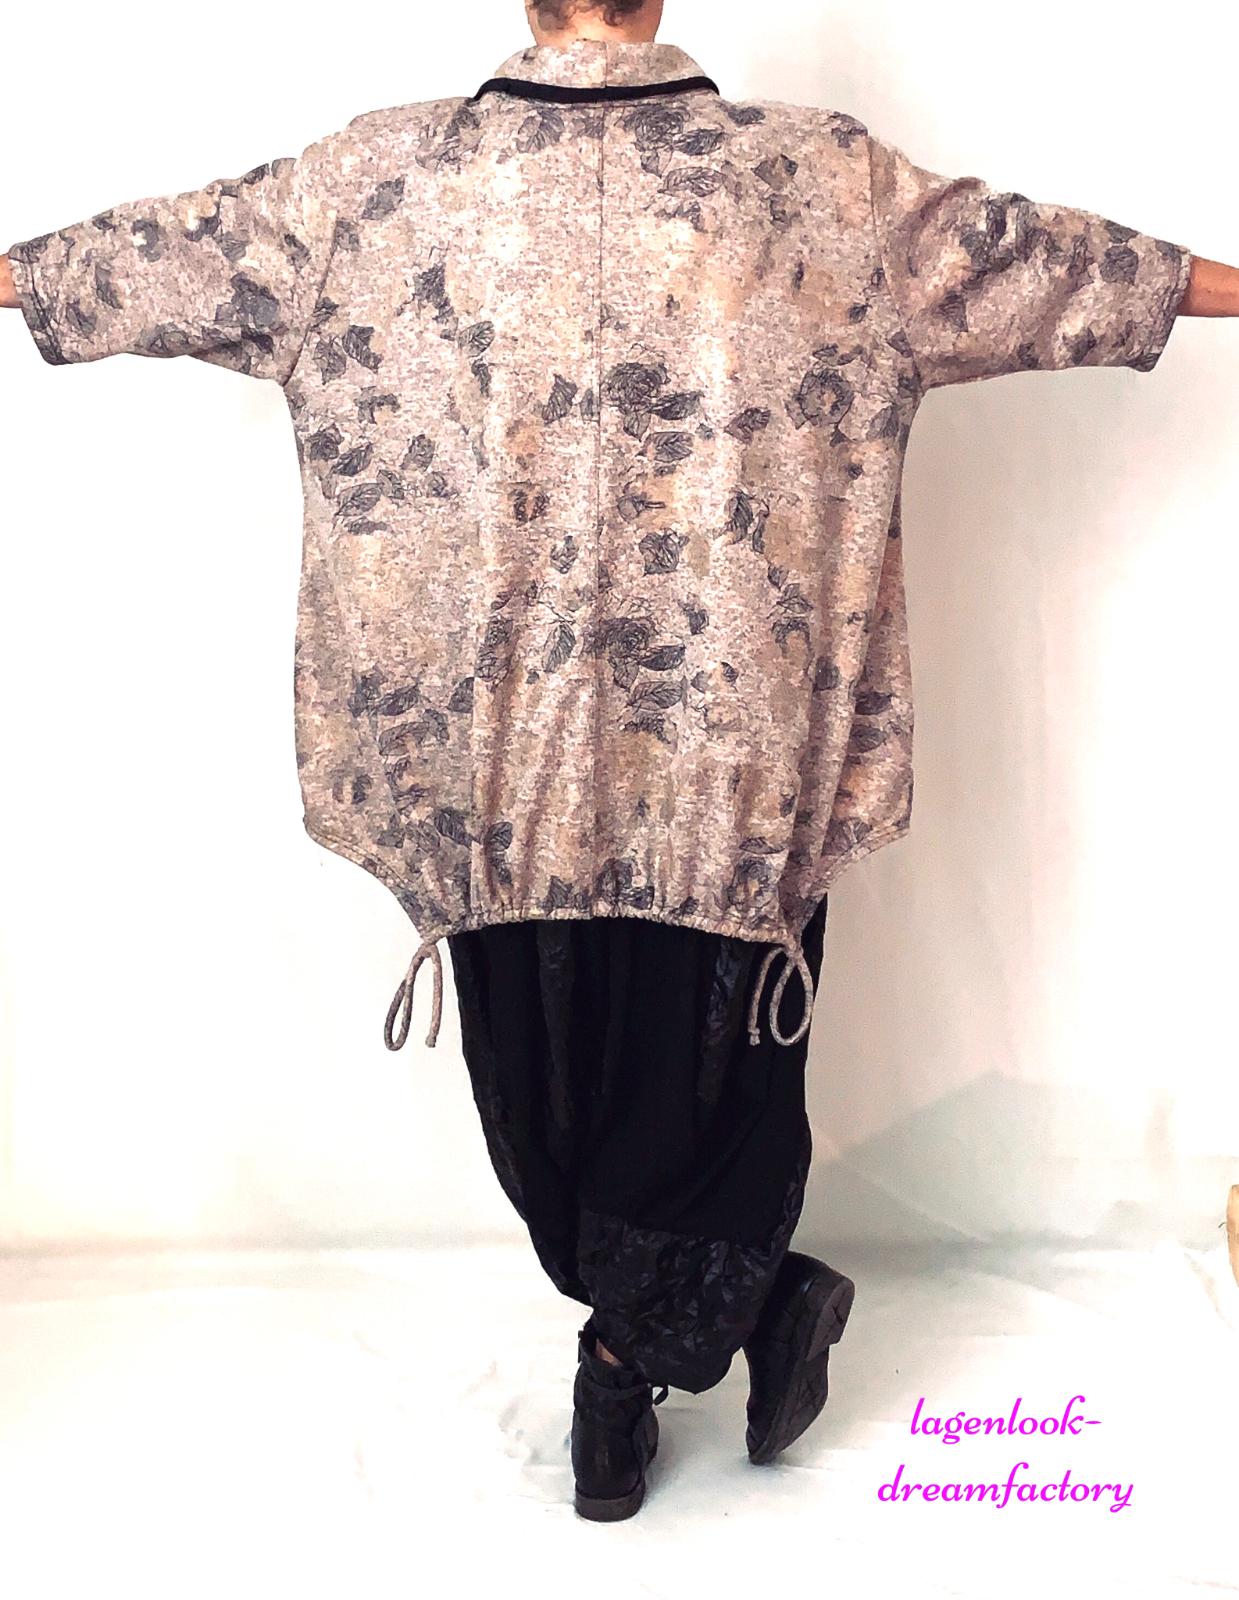 Lagenlook OVERSIZE Zipfel-Big-Shirt Streifen Materialmix 44 46 48 50 52 56